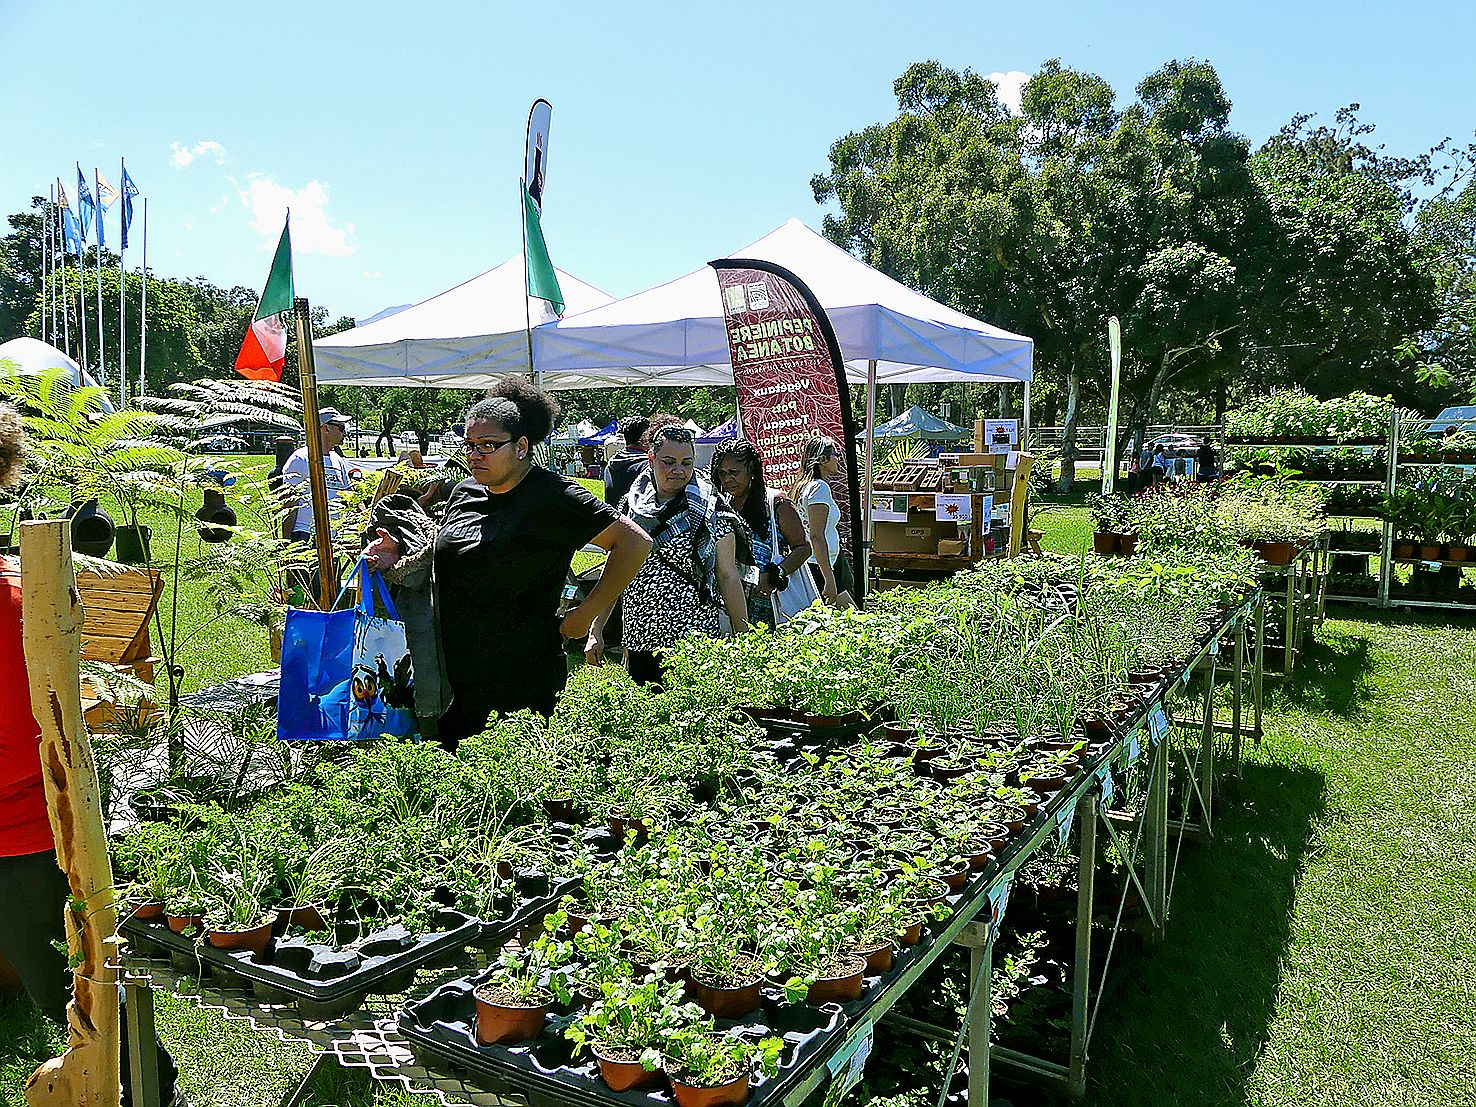 Plantes aromatiques, ornementales, semis, tubercules, bulbes, pour les terrasses, les balcons ou pour les jardins plus vastes, un large éventail de plantes a été proposé.